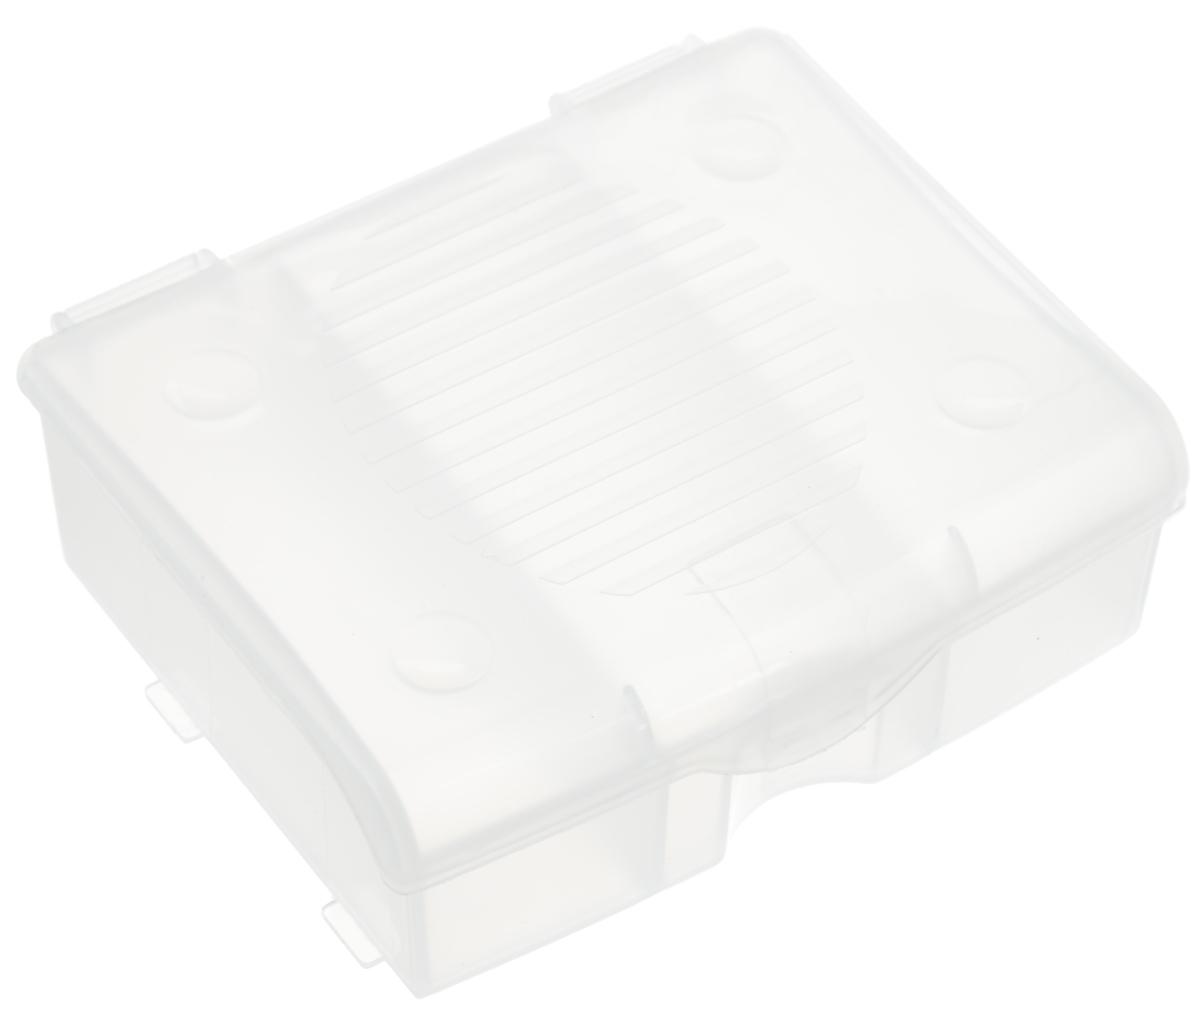 Органайзер для мелочей Blocker, цвет: прозрачный, 11 х 9 х 4,2 см цена